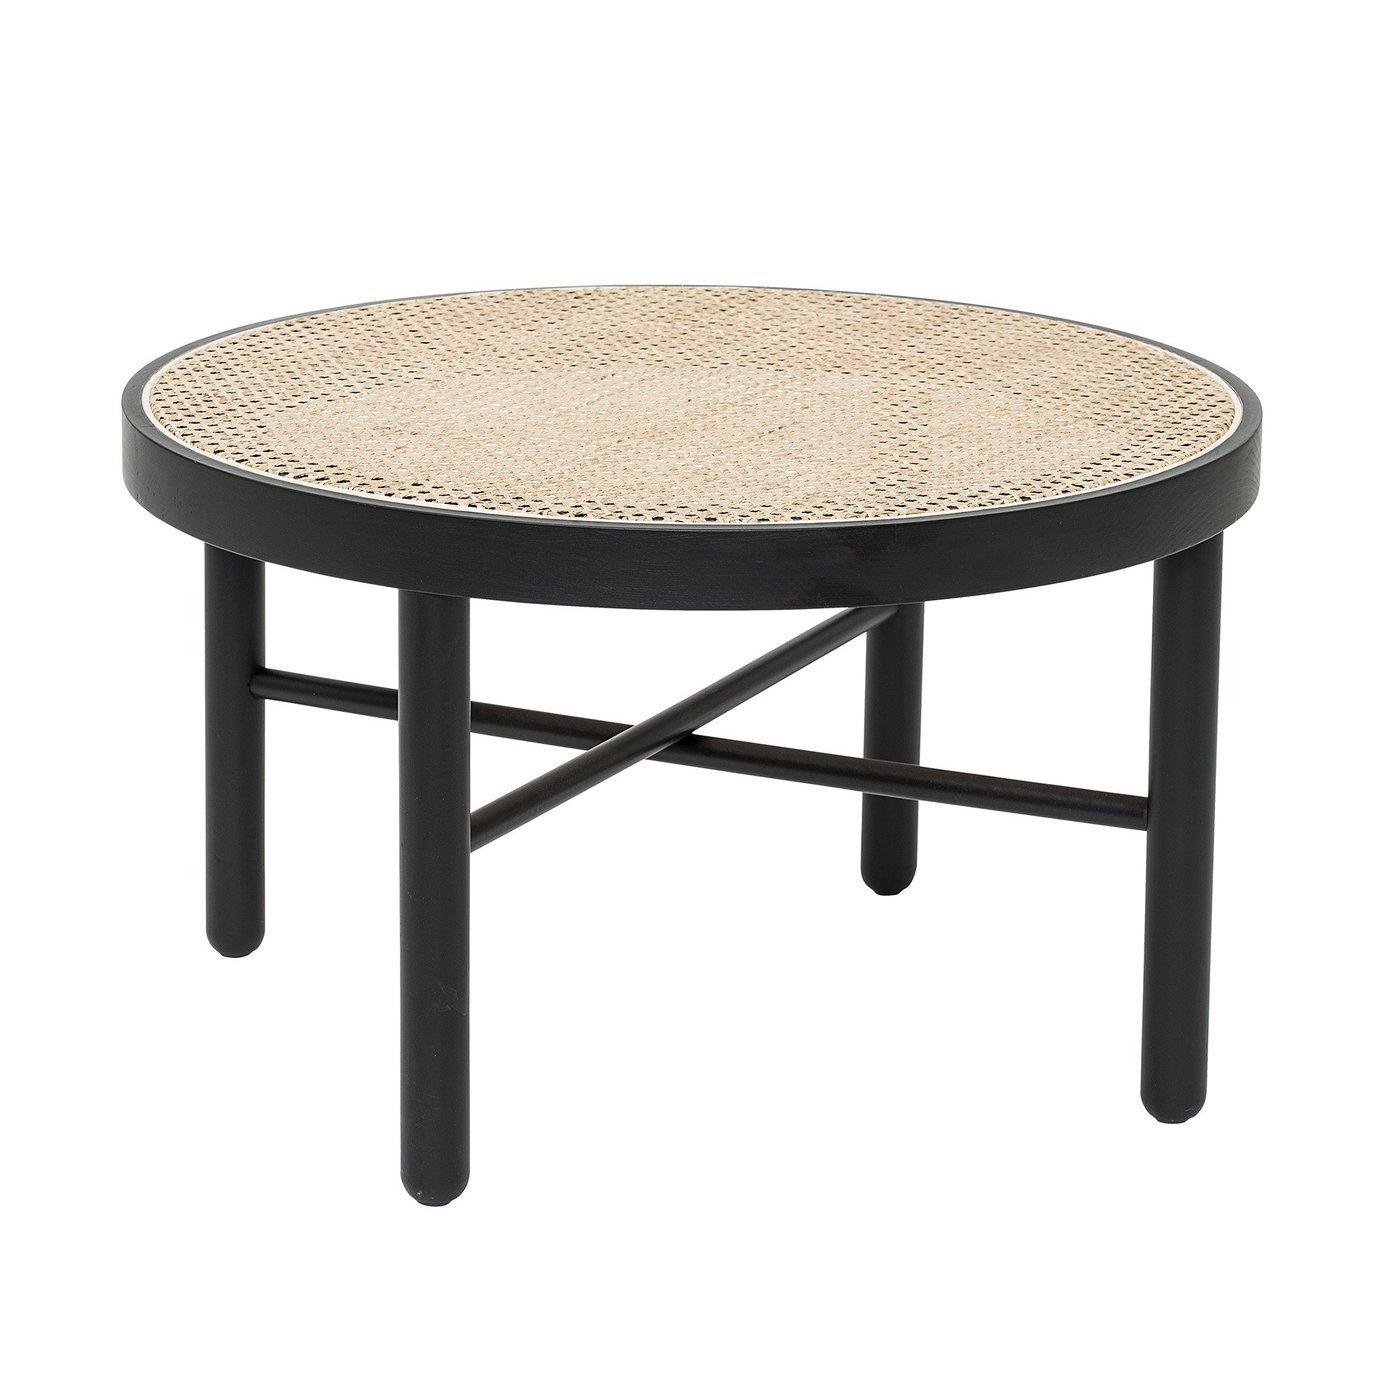 Bloomingville Luna Coffee Table - £419.00 - Bloomingville